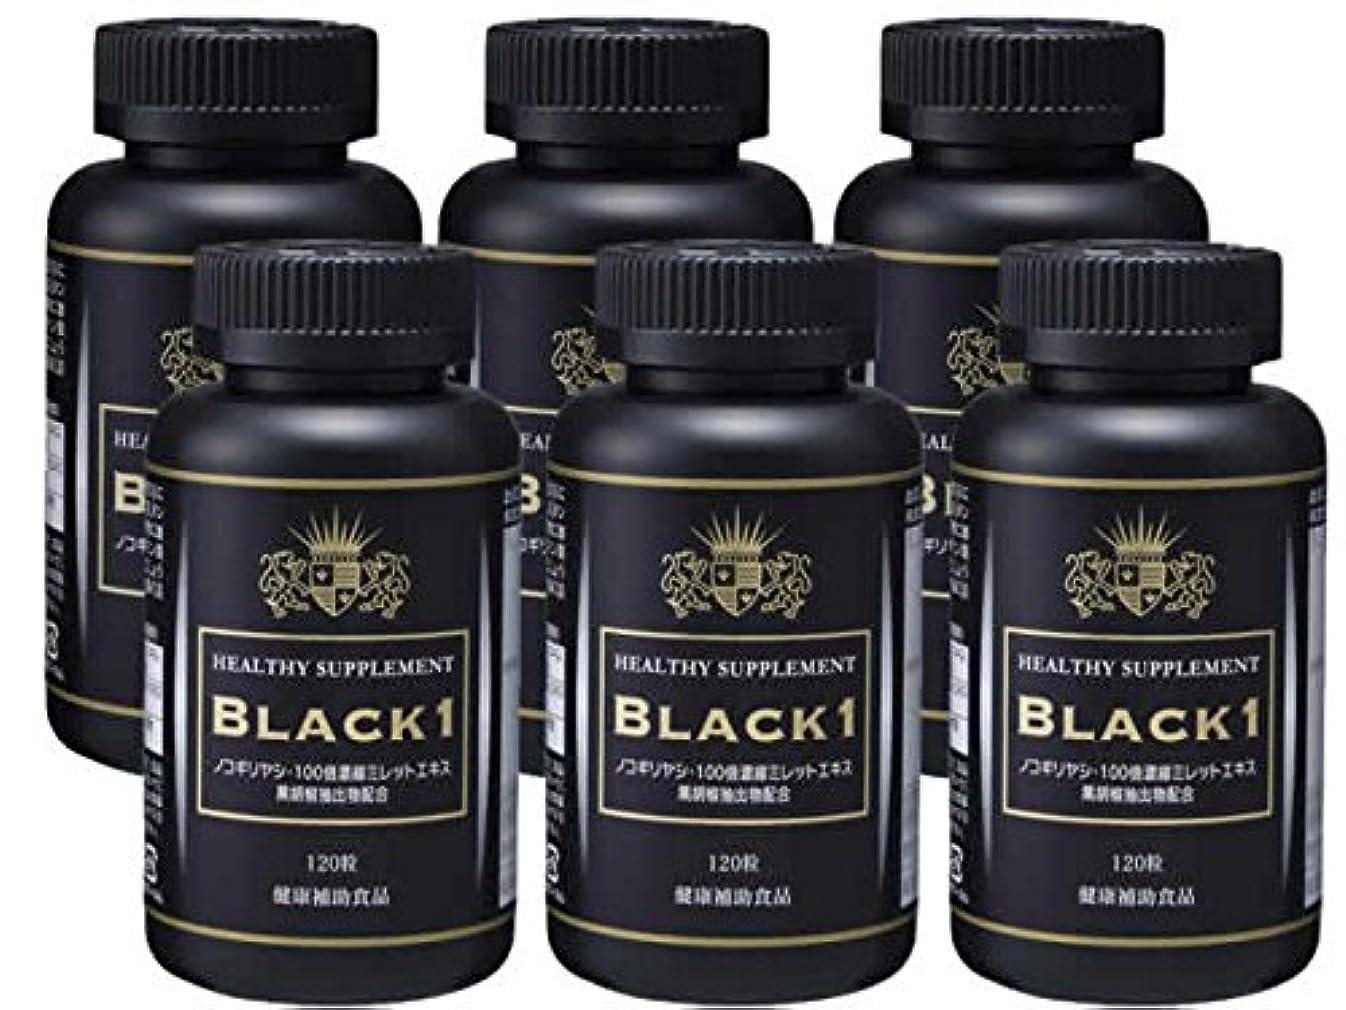 変更入るファシズムノコギリヤシ ミレット 亜鉛 ビオチン 必須アミノ酸 ビタミン配合 サプリメント ブラックワン 6個セット